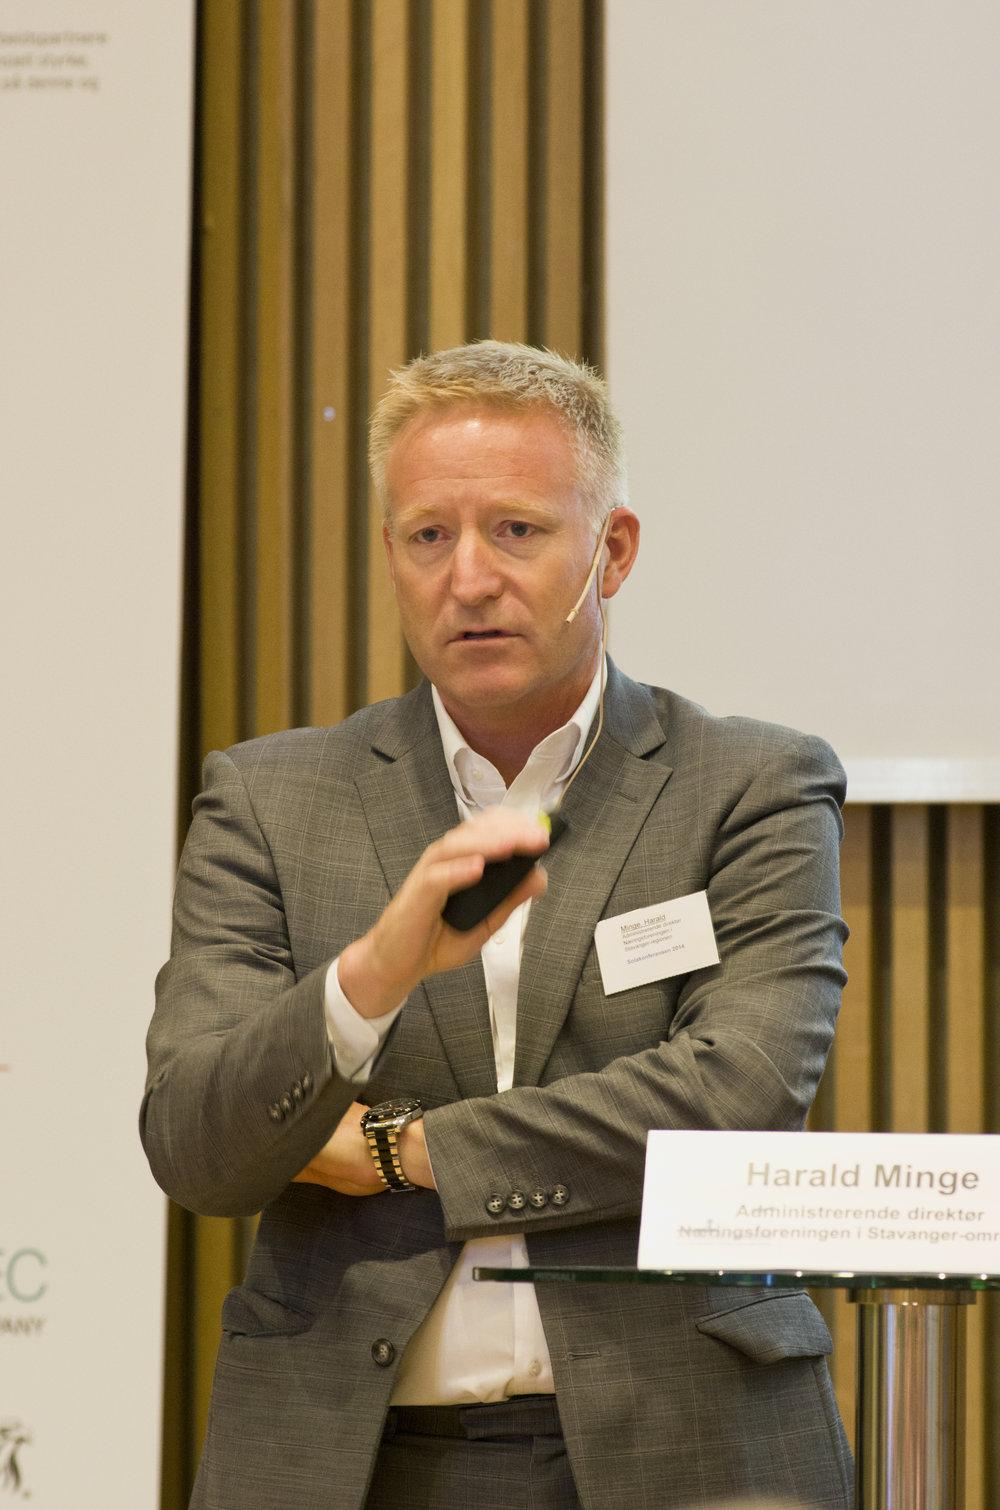 Harald Minge.jpg